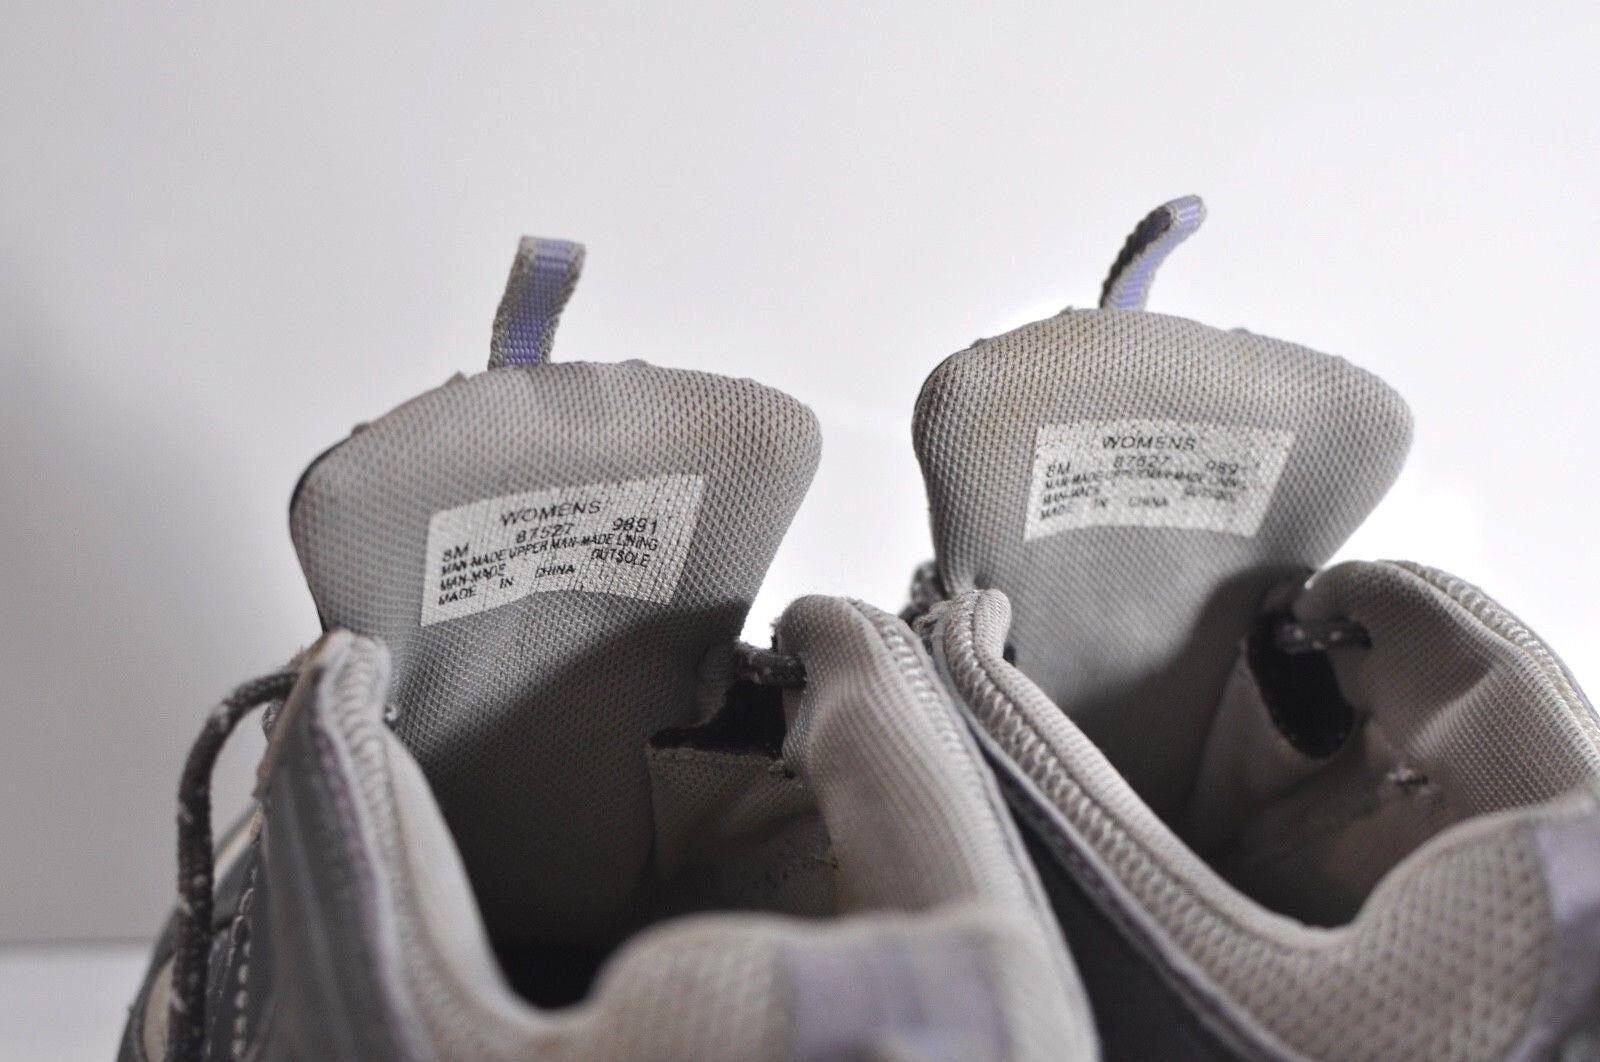 Timberland Damenschuhe SD Pro Alloy schuhe toe Work safety schuhe Alloy Größe 8 M 864b03